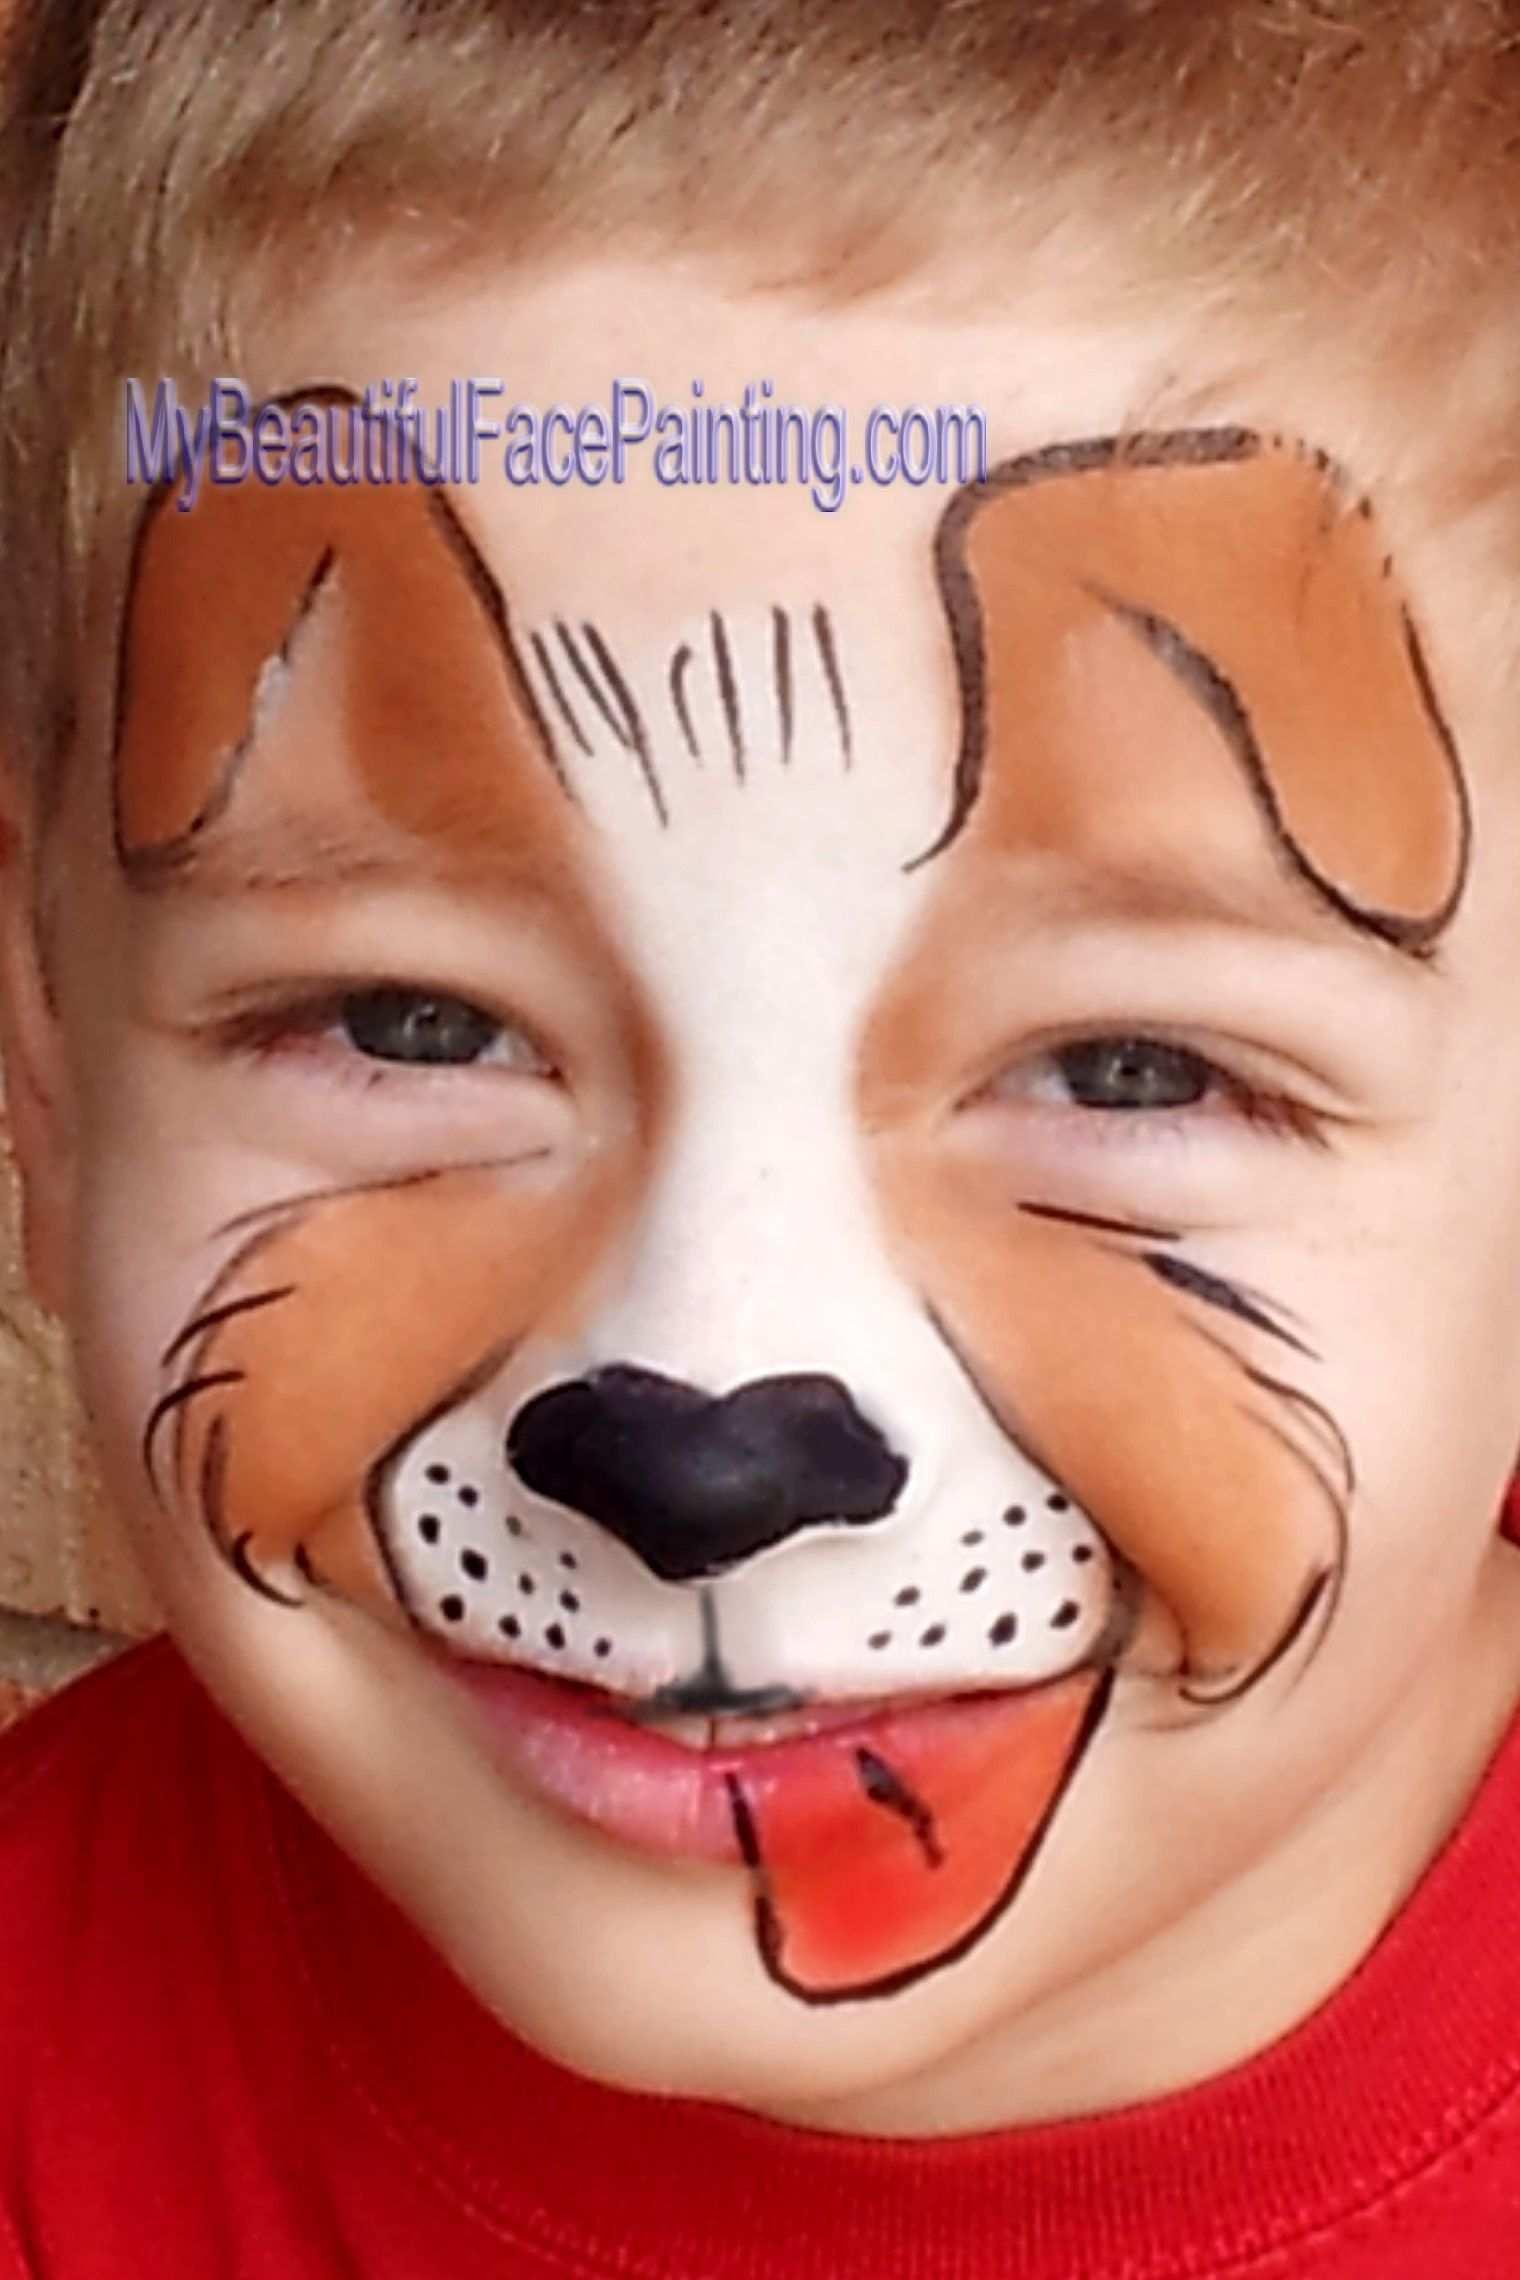 Spektakular Schminken Hund Vorlagen Aufenthalt Erstaunlich Und Vielen Dank Fur Den Besuch Meines Blogs 7 Kinder Schminken Kinderschminken Jungs Kinderschminken